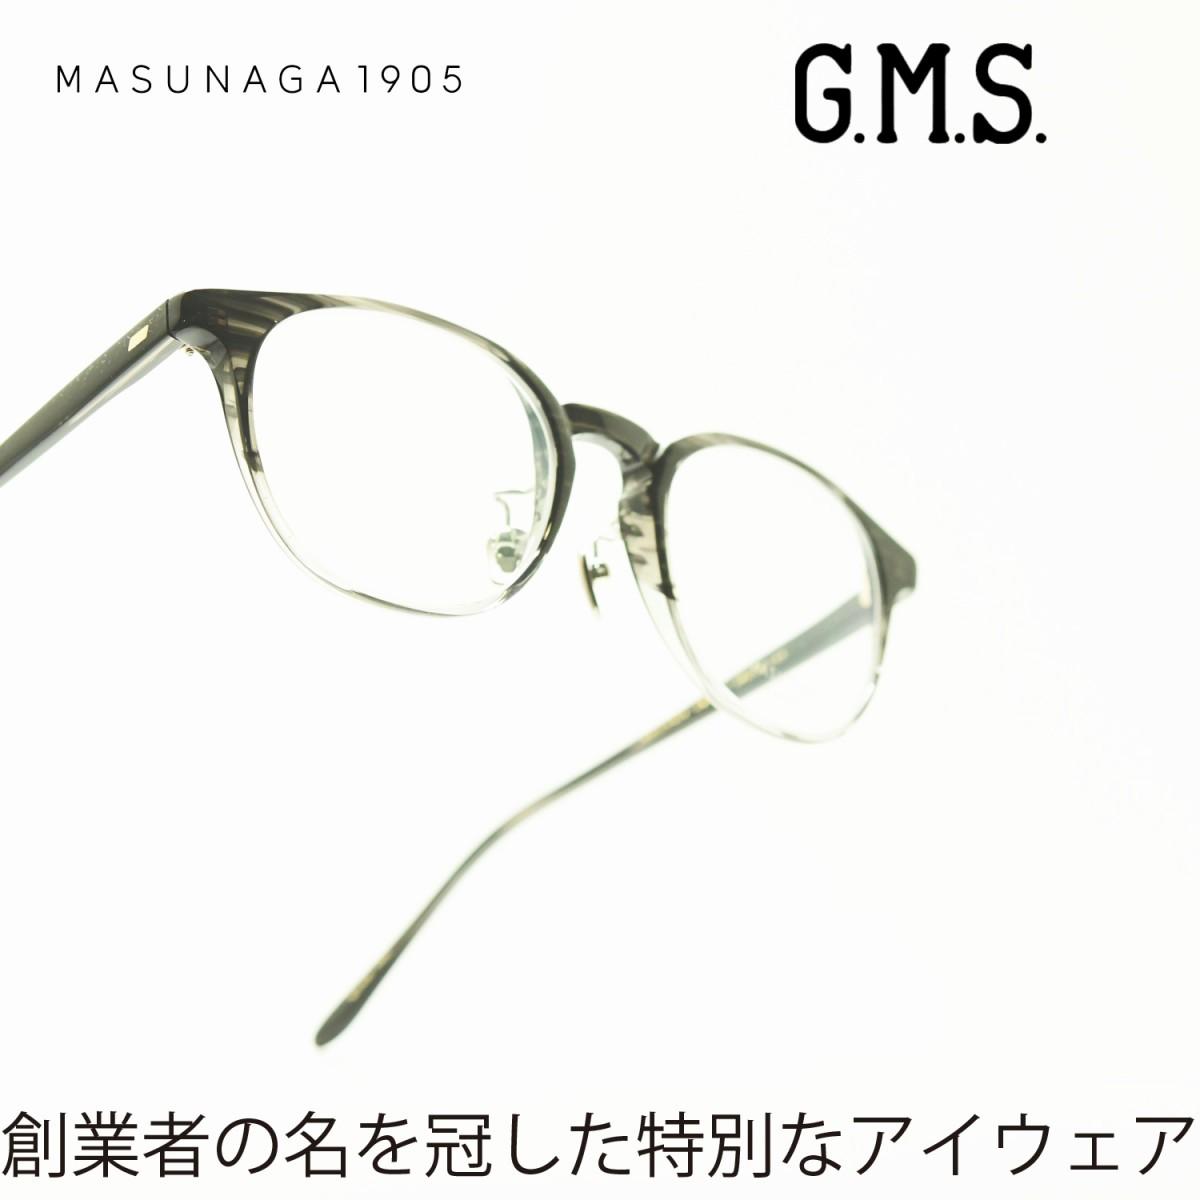 増永眼鏡 MASUNAGAGMS-07 col-59 BK-GRY